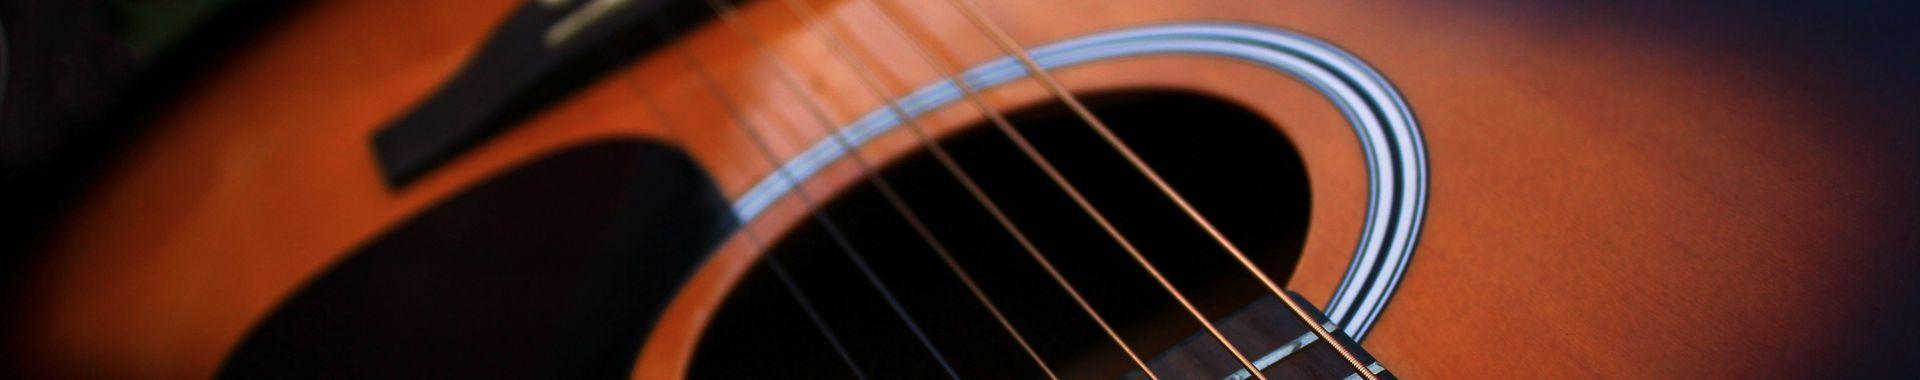 Instruments de musique acoustique